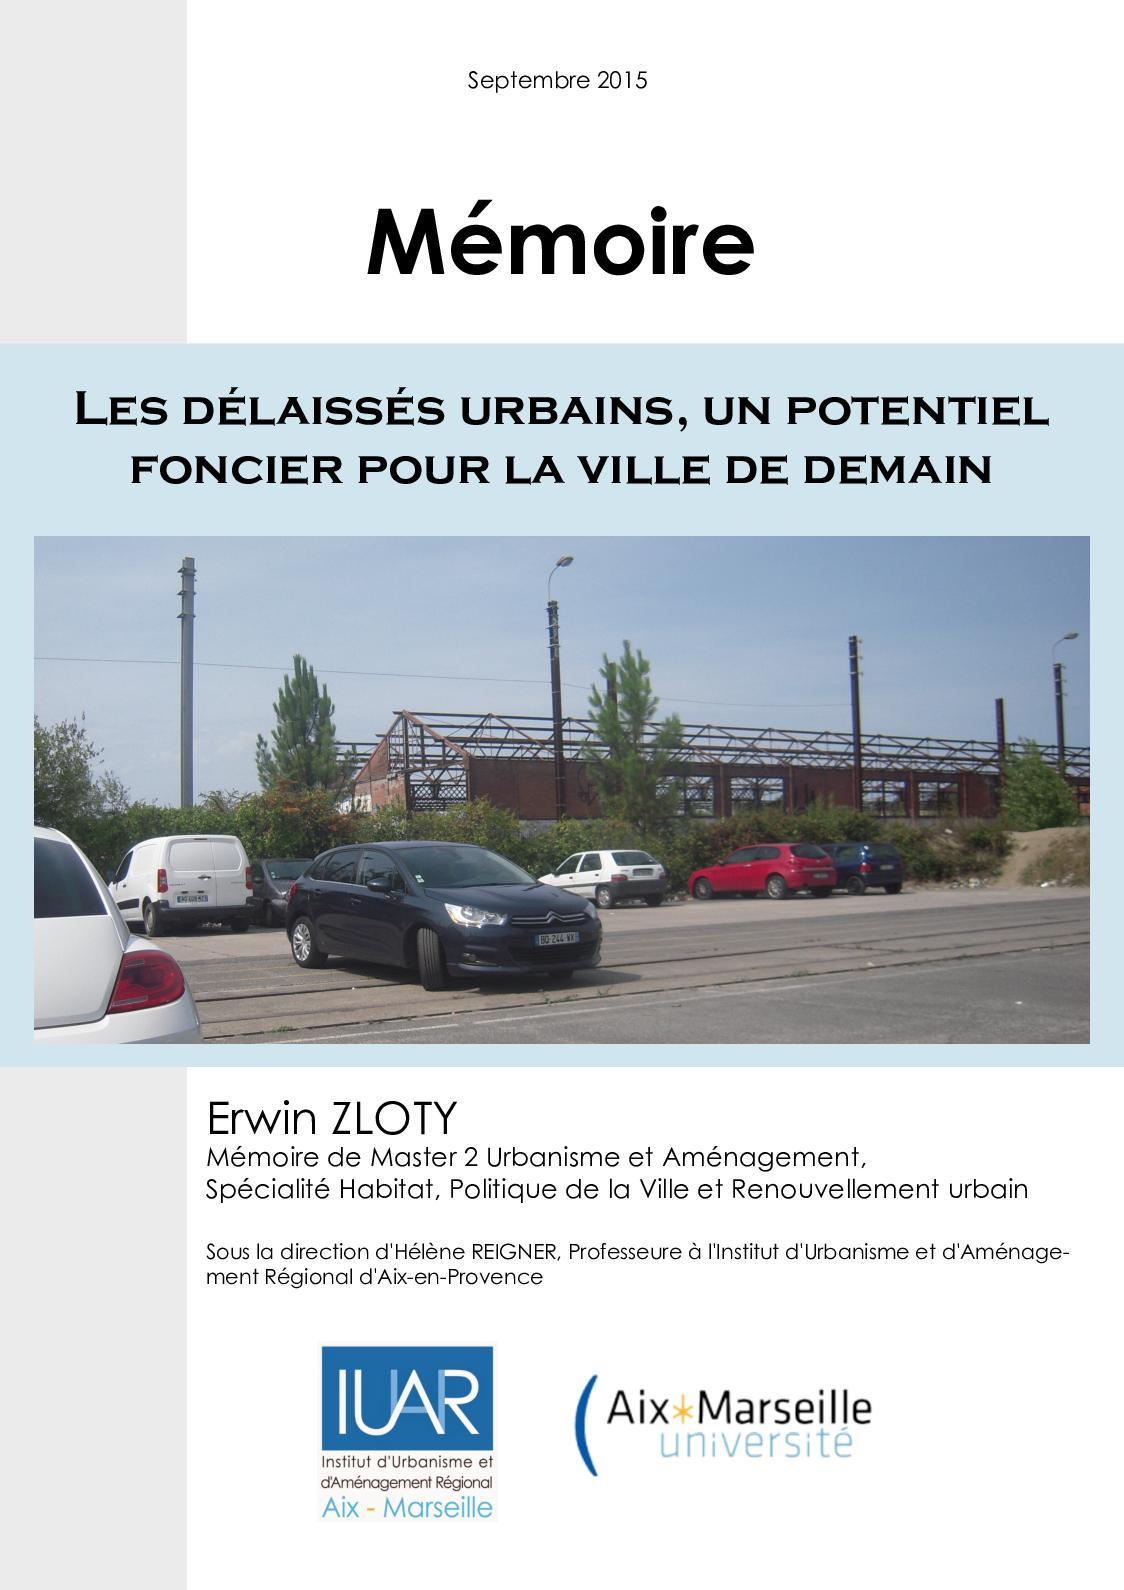 Memoire - Les Délaissés urbains, un potentiel foncier pour la ville de demain